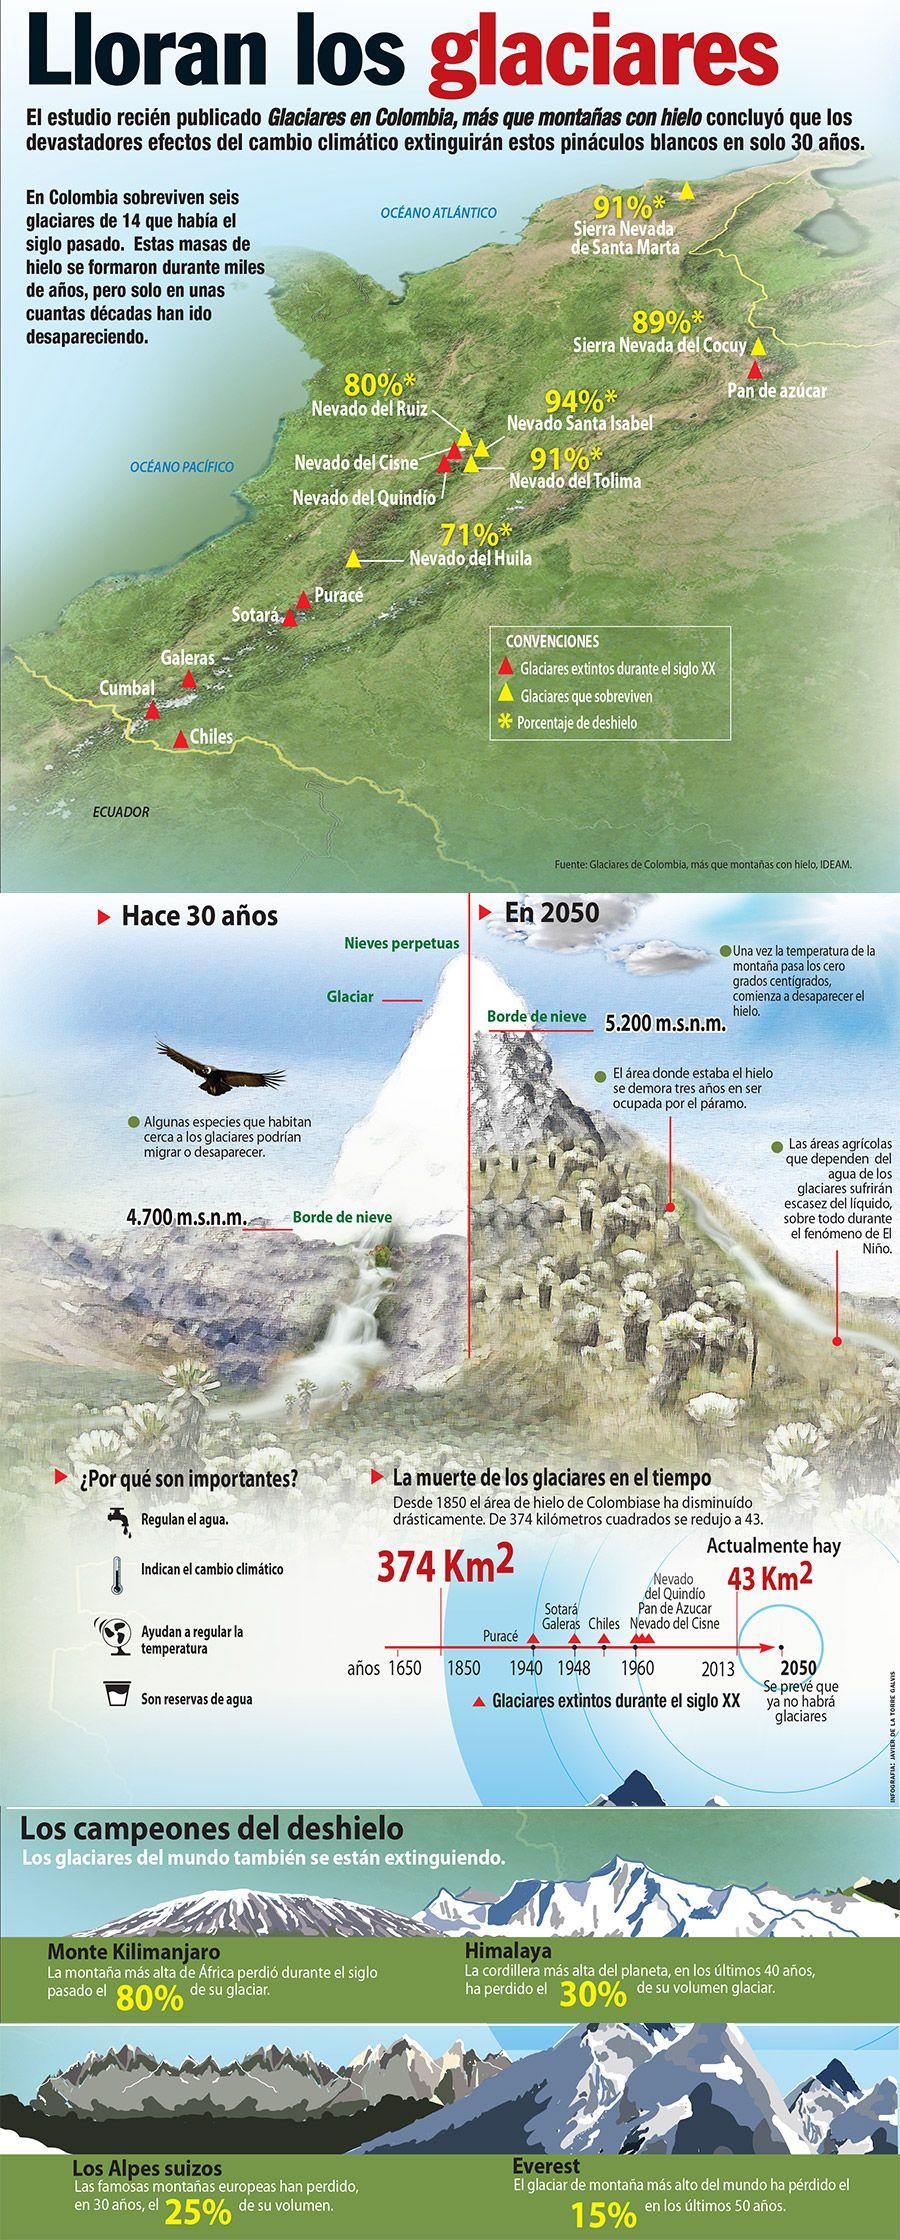 Lloran Los Glaciares Ingeniería Ambiental Ciencias De La Naturaleza Problemas Medioambientales